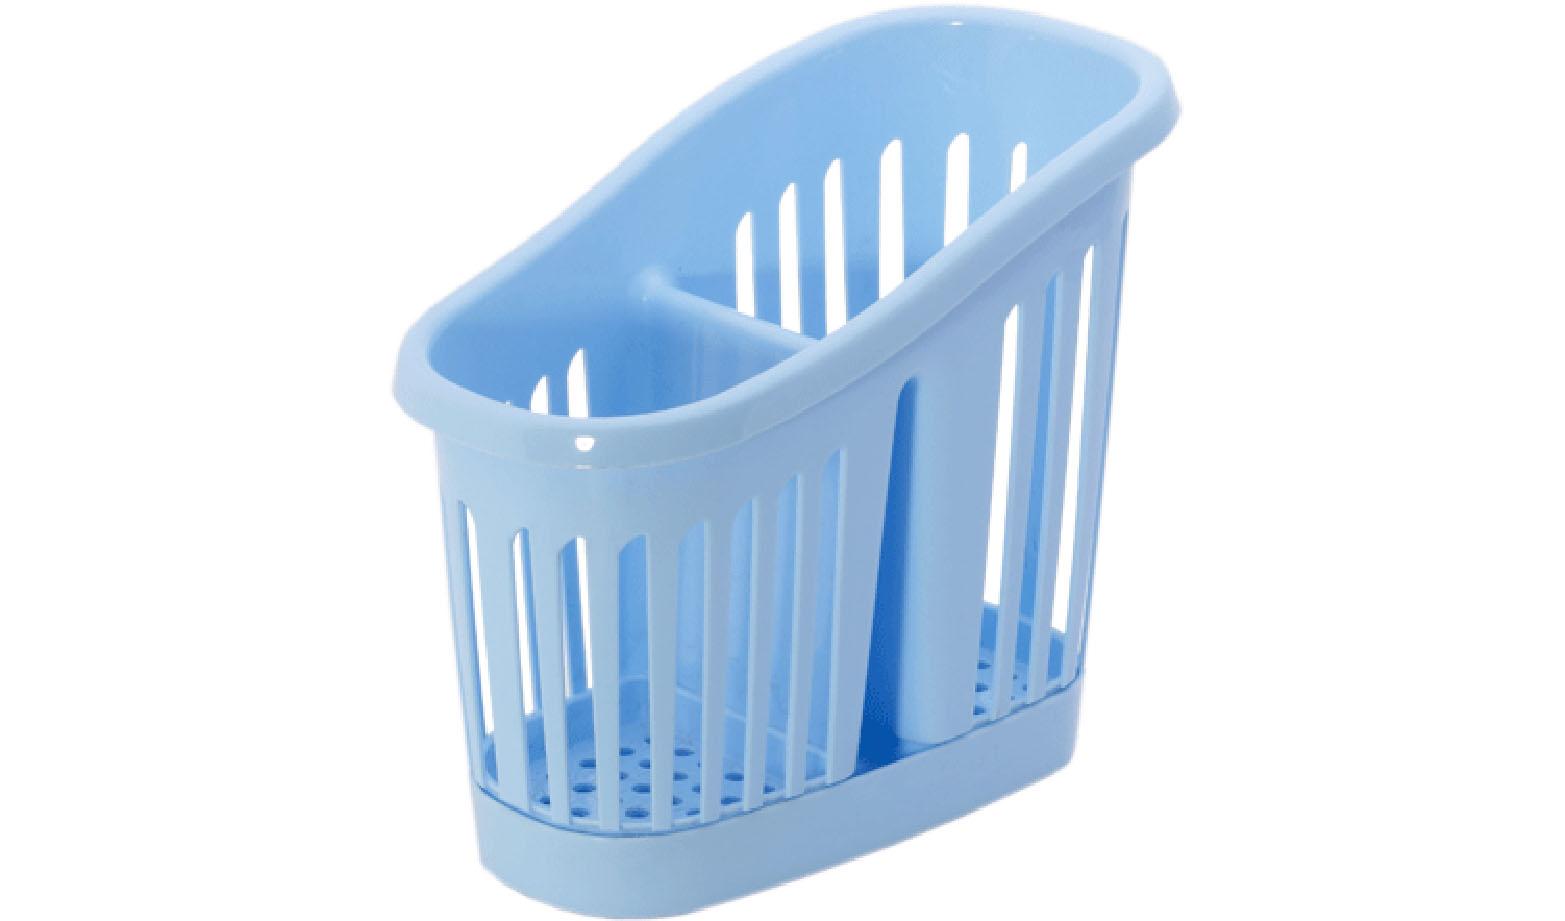 Подставка для столовых приборов Idea, цвет: голубой. М 1165Ветерок 2ГФПодставка для столовых приборов Idea, выполненная из высококачественного пластика, станет полезным приобретением для вашей кухни. Подставка имеет два отделения для разных видов столовых приборов. Дно и стенки отделений имеет перфорацию для легкого стока жидкости, которую собирает поднос. Такая подставка поможет аккуратно рассортировать все столовые приборы и тем самым поддерживать порядок на кухне.